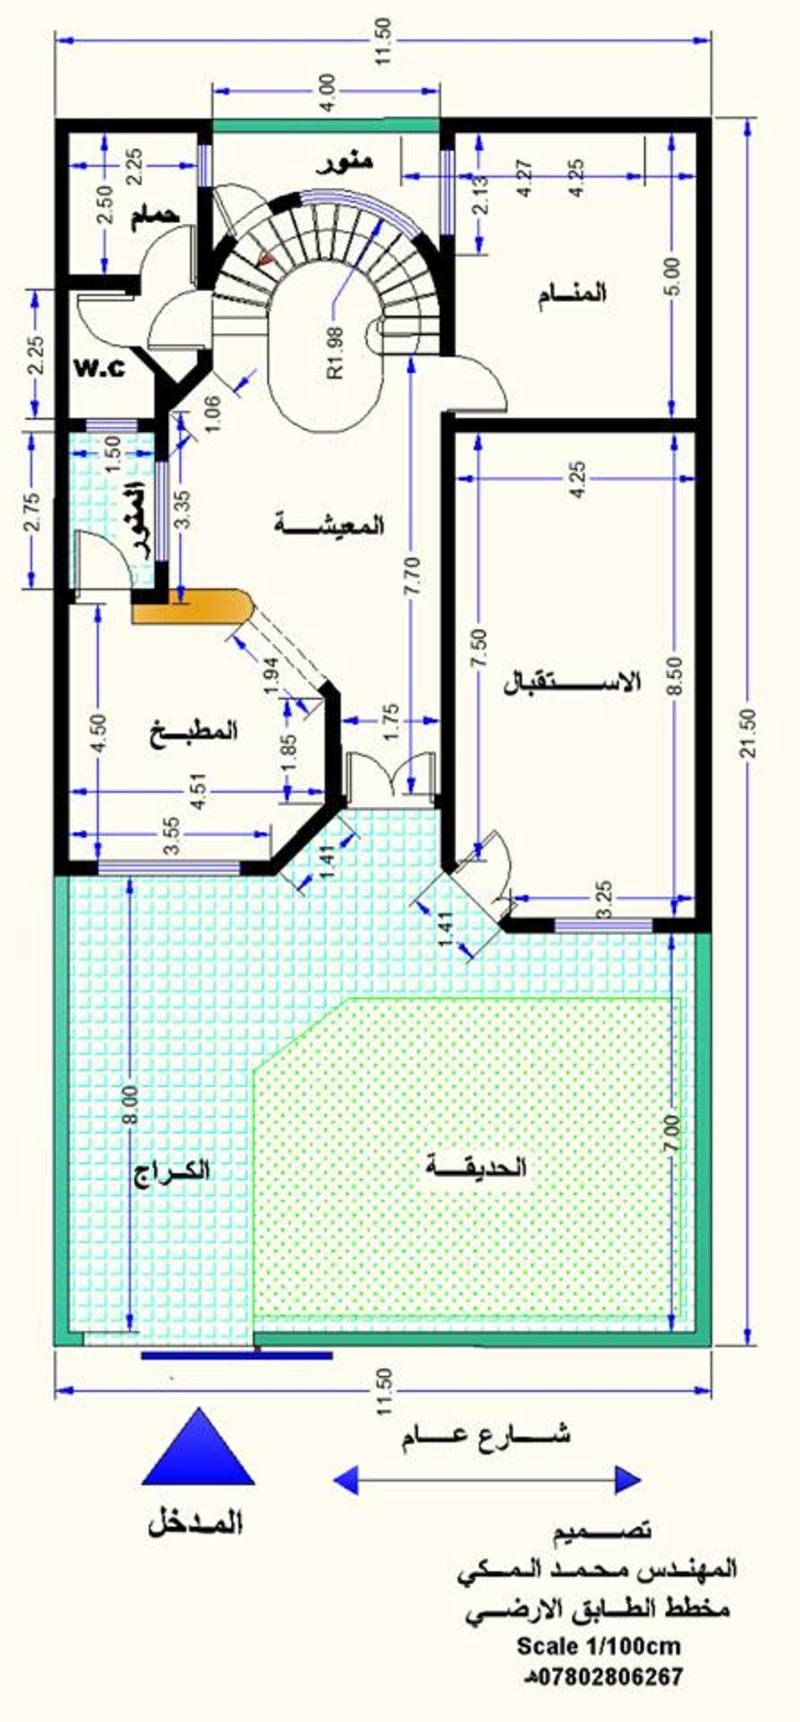 تصاميم منازل 2020 8